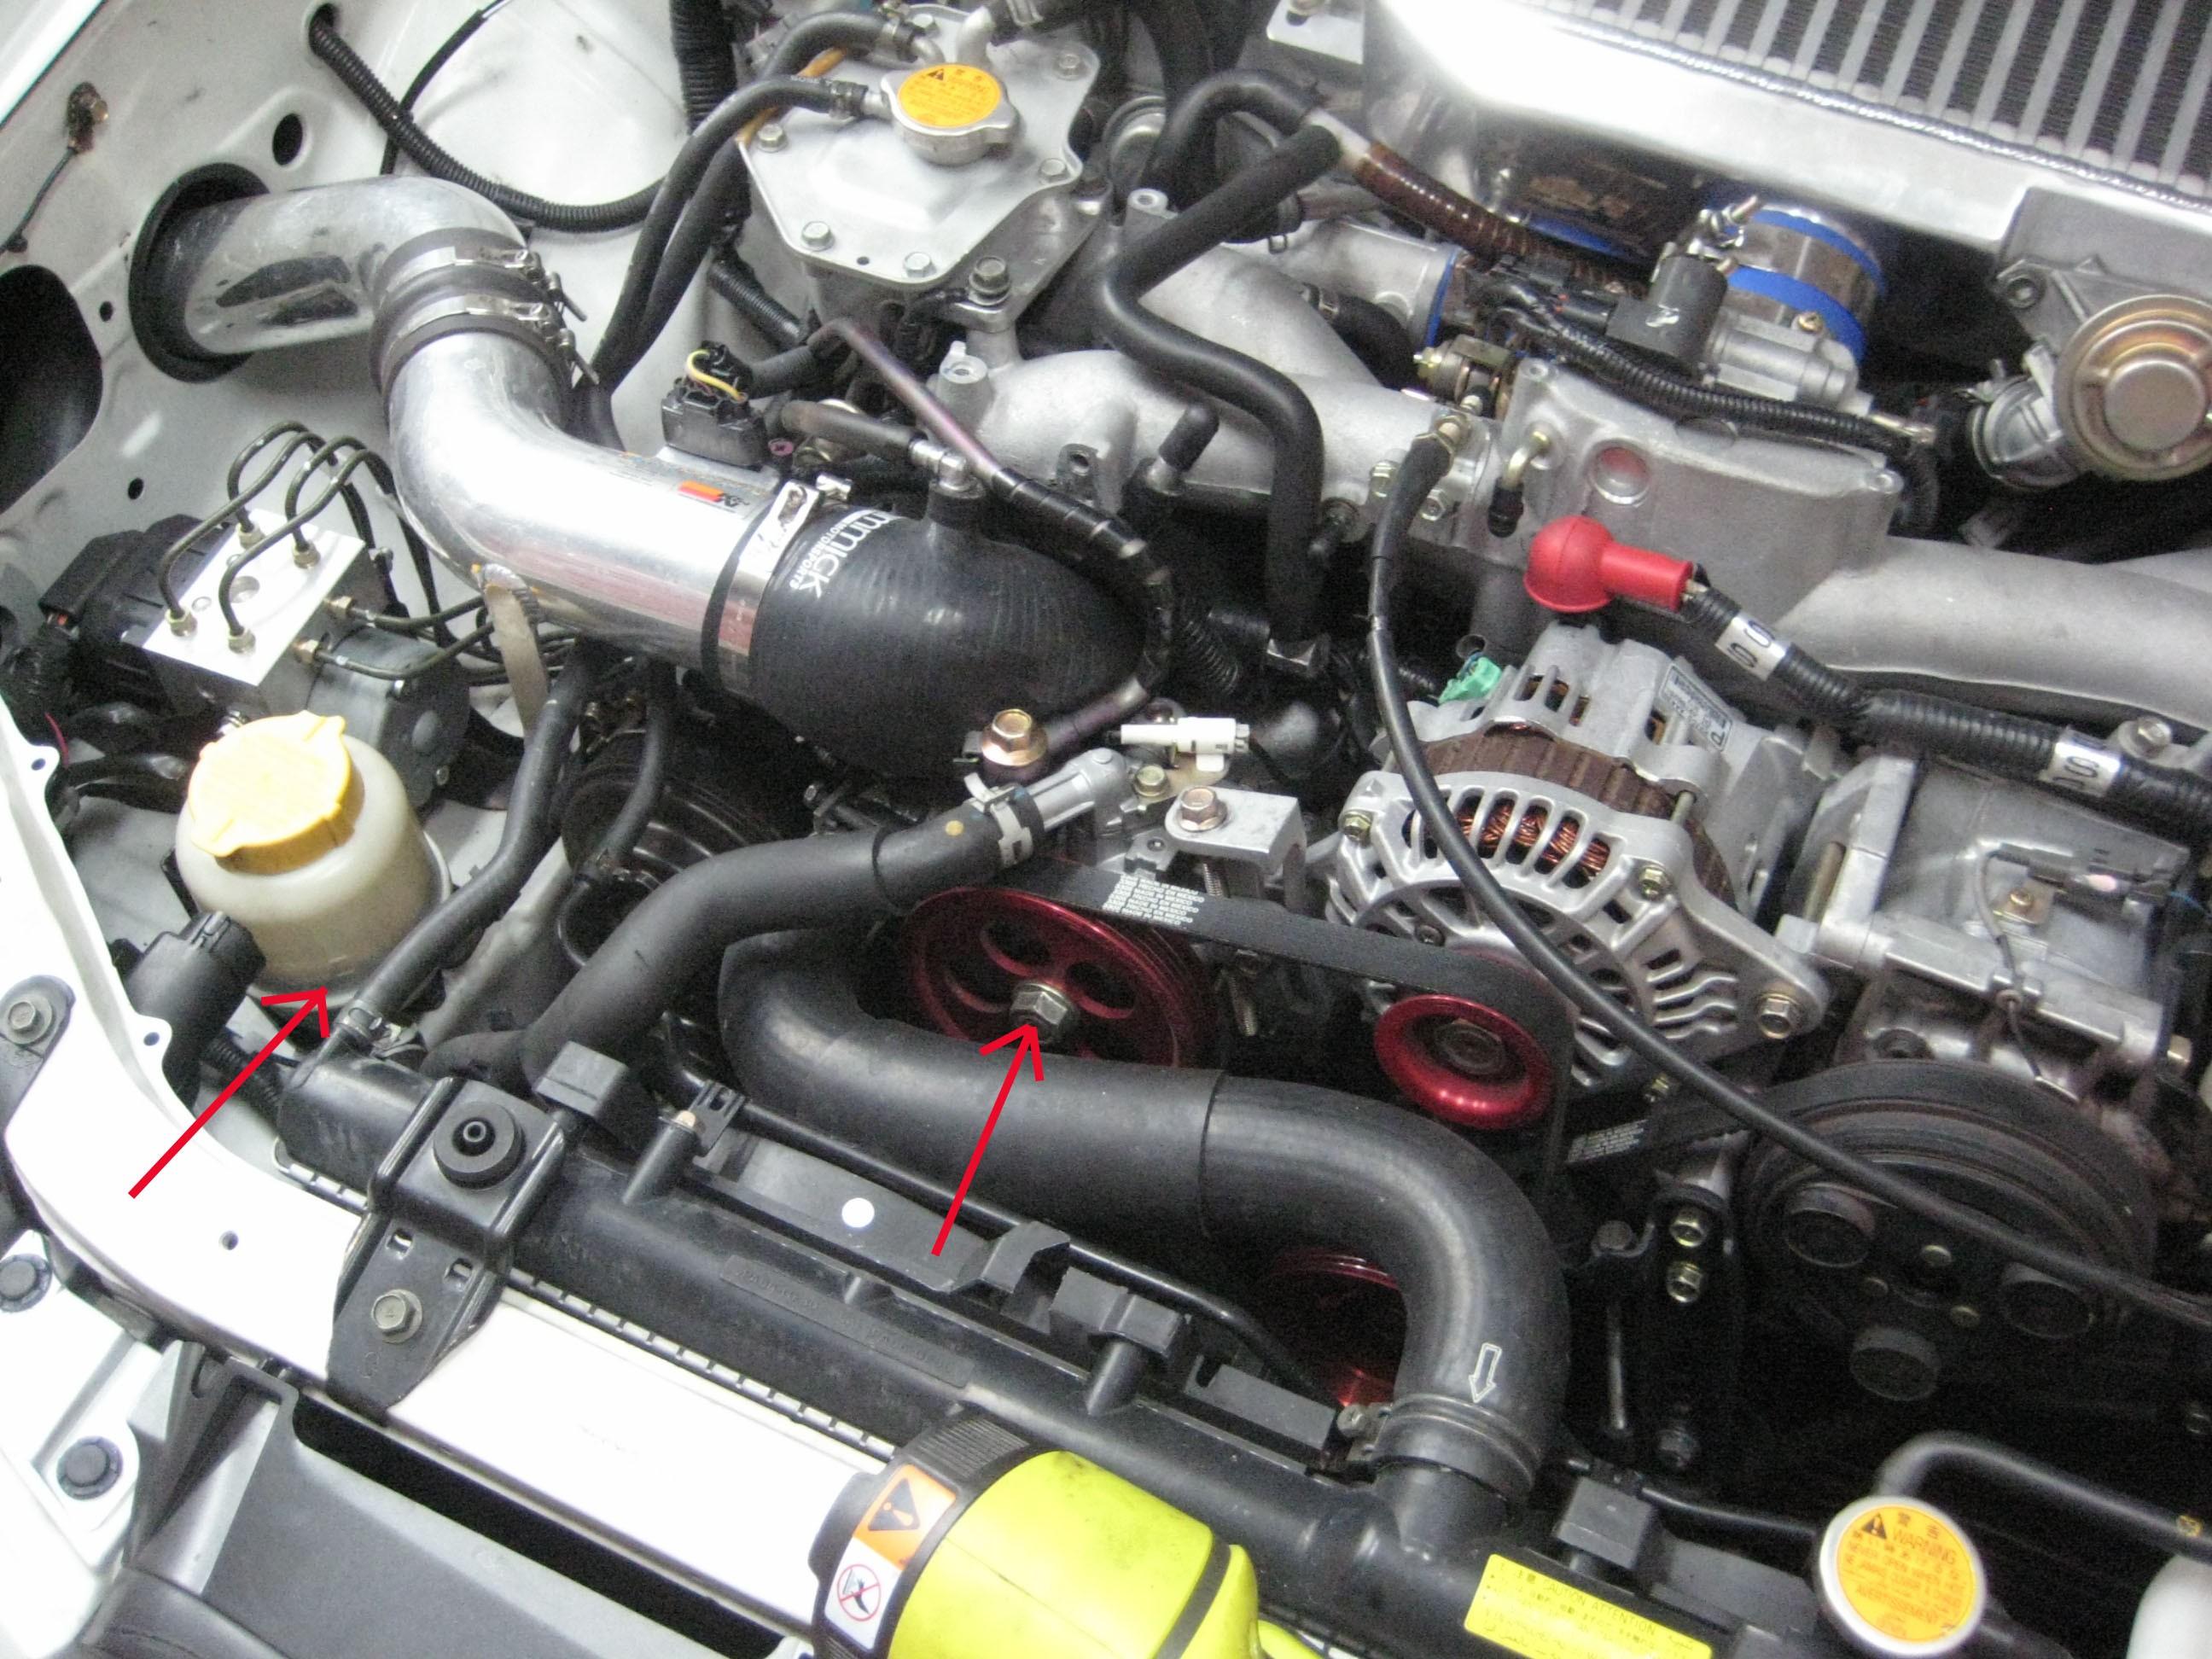 Power Steering Pump Parts Diagram Diy Power Steering Pump Rebuild Nasioc Of Power Steering Pump Parts Diagram